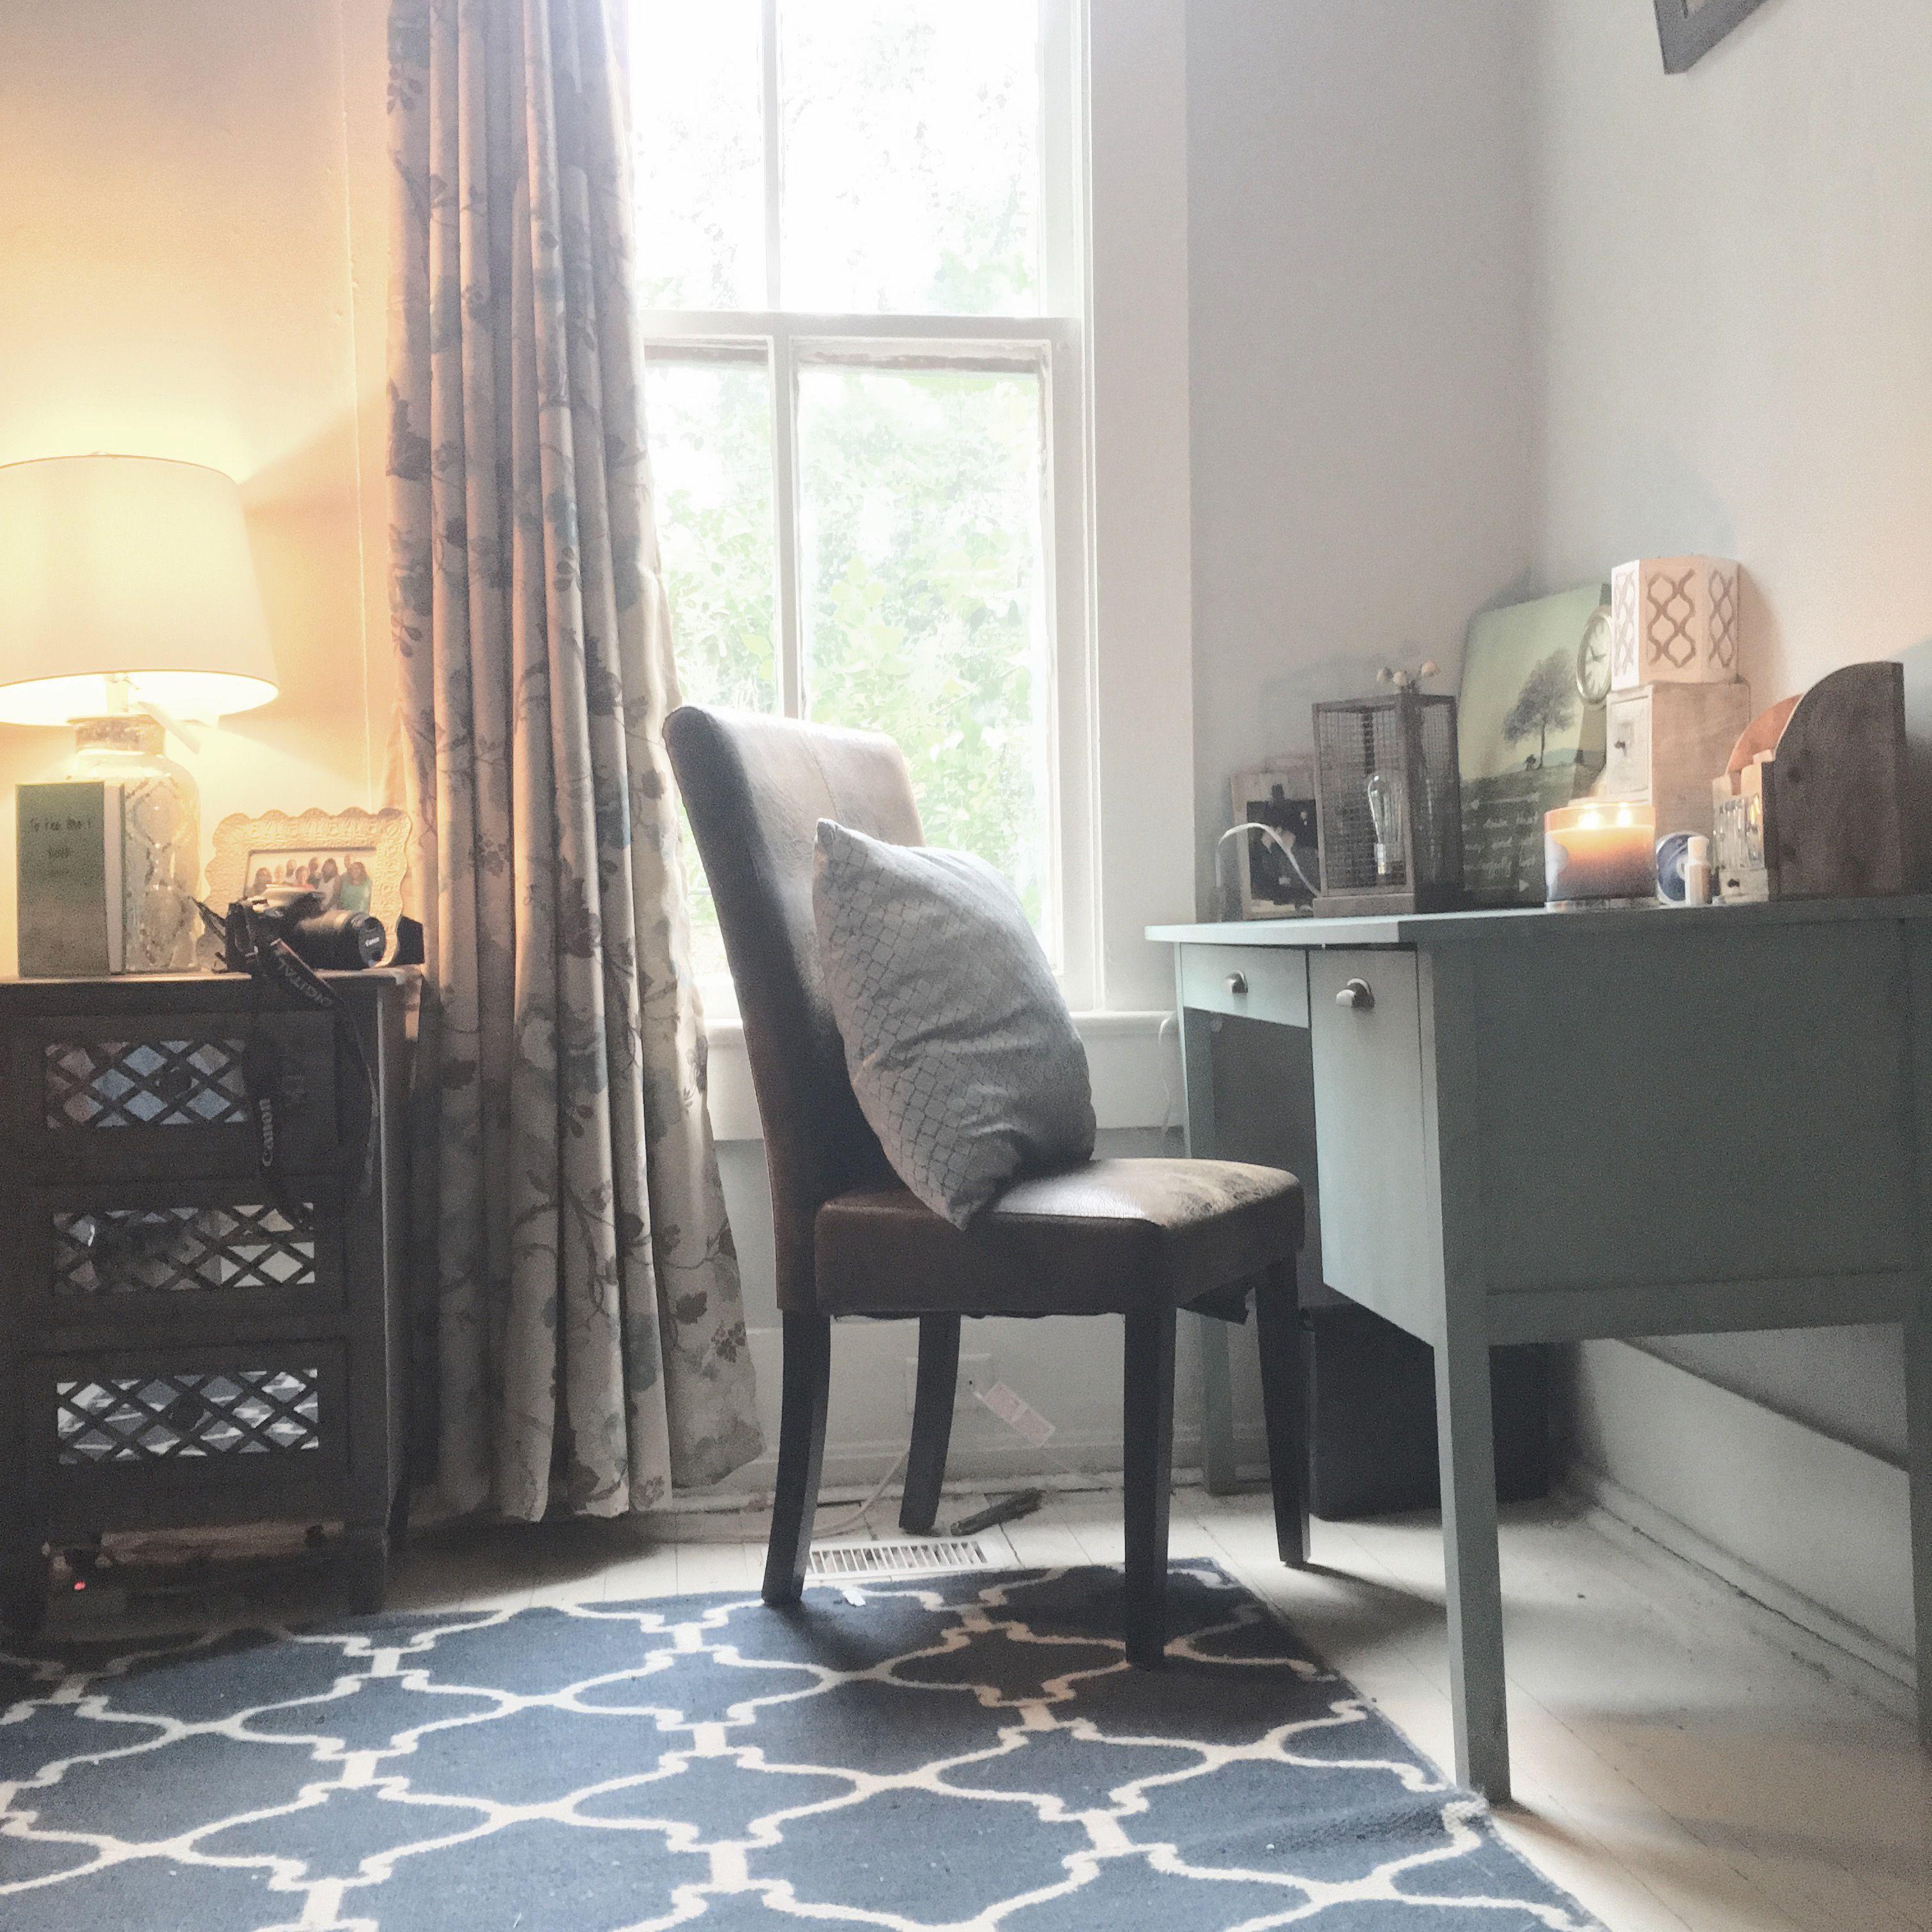 bedroom office nightstand kirkland's lamp home goods